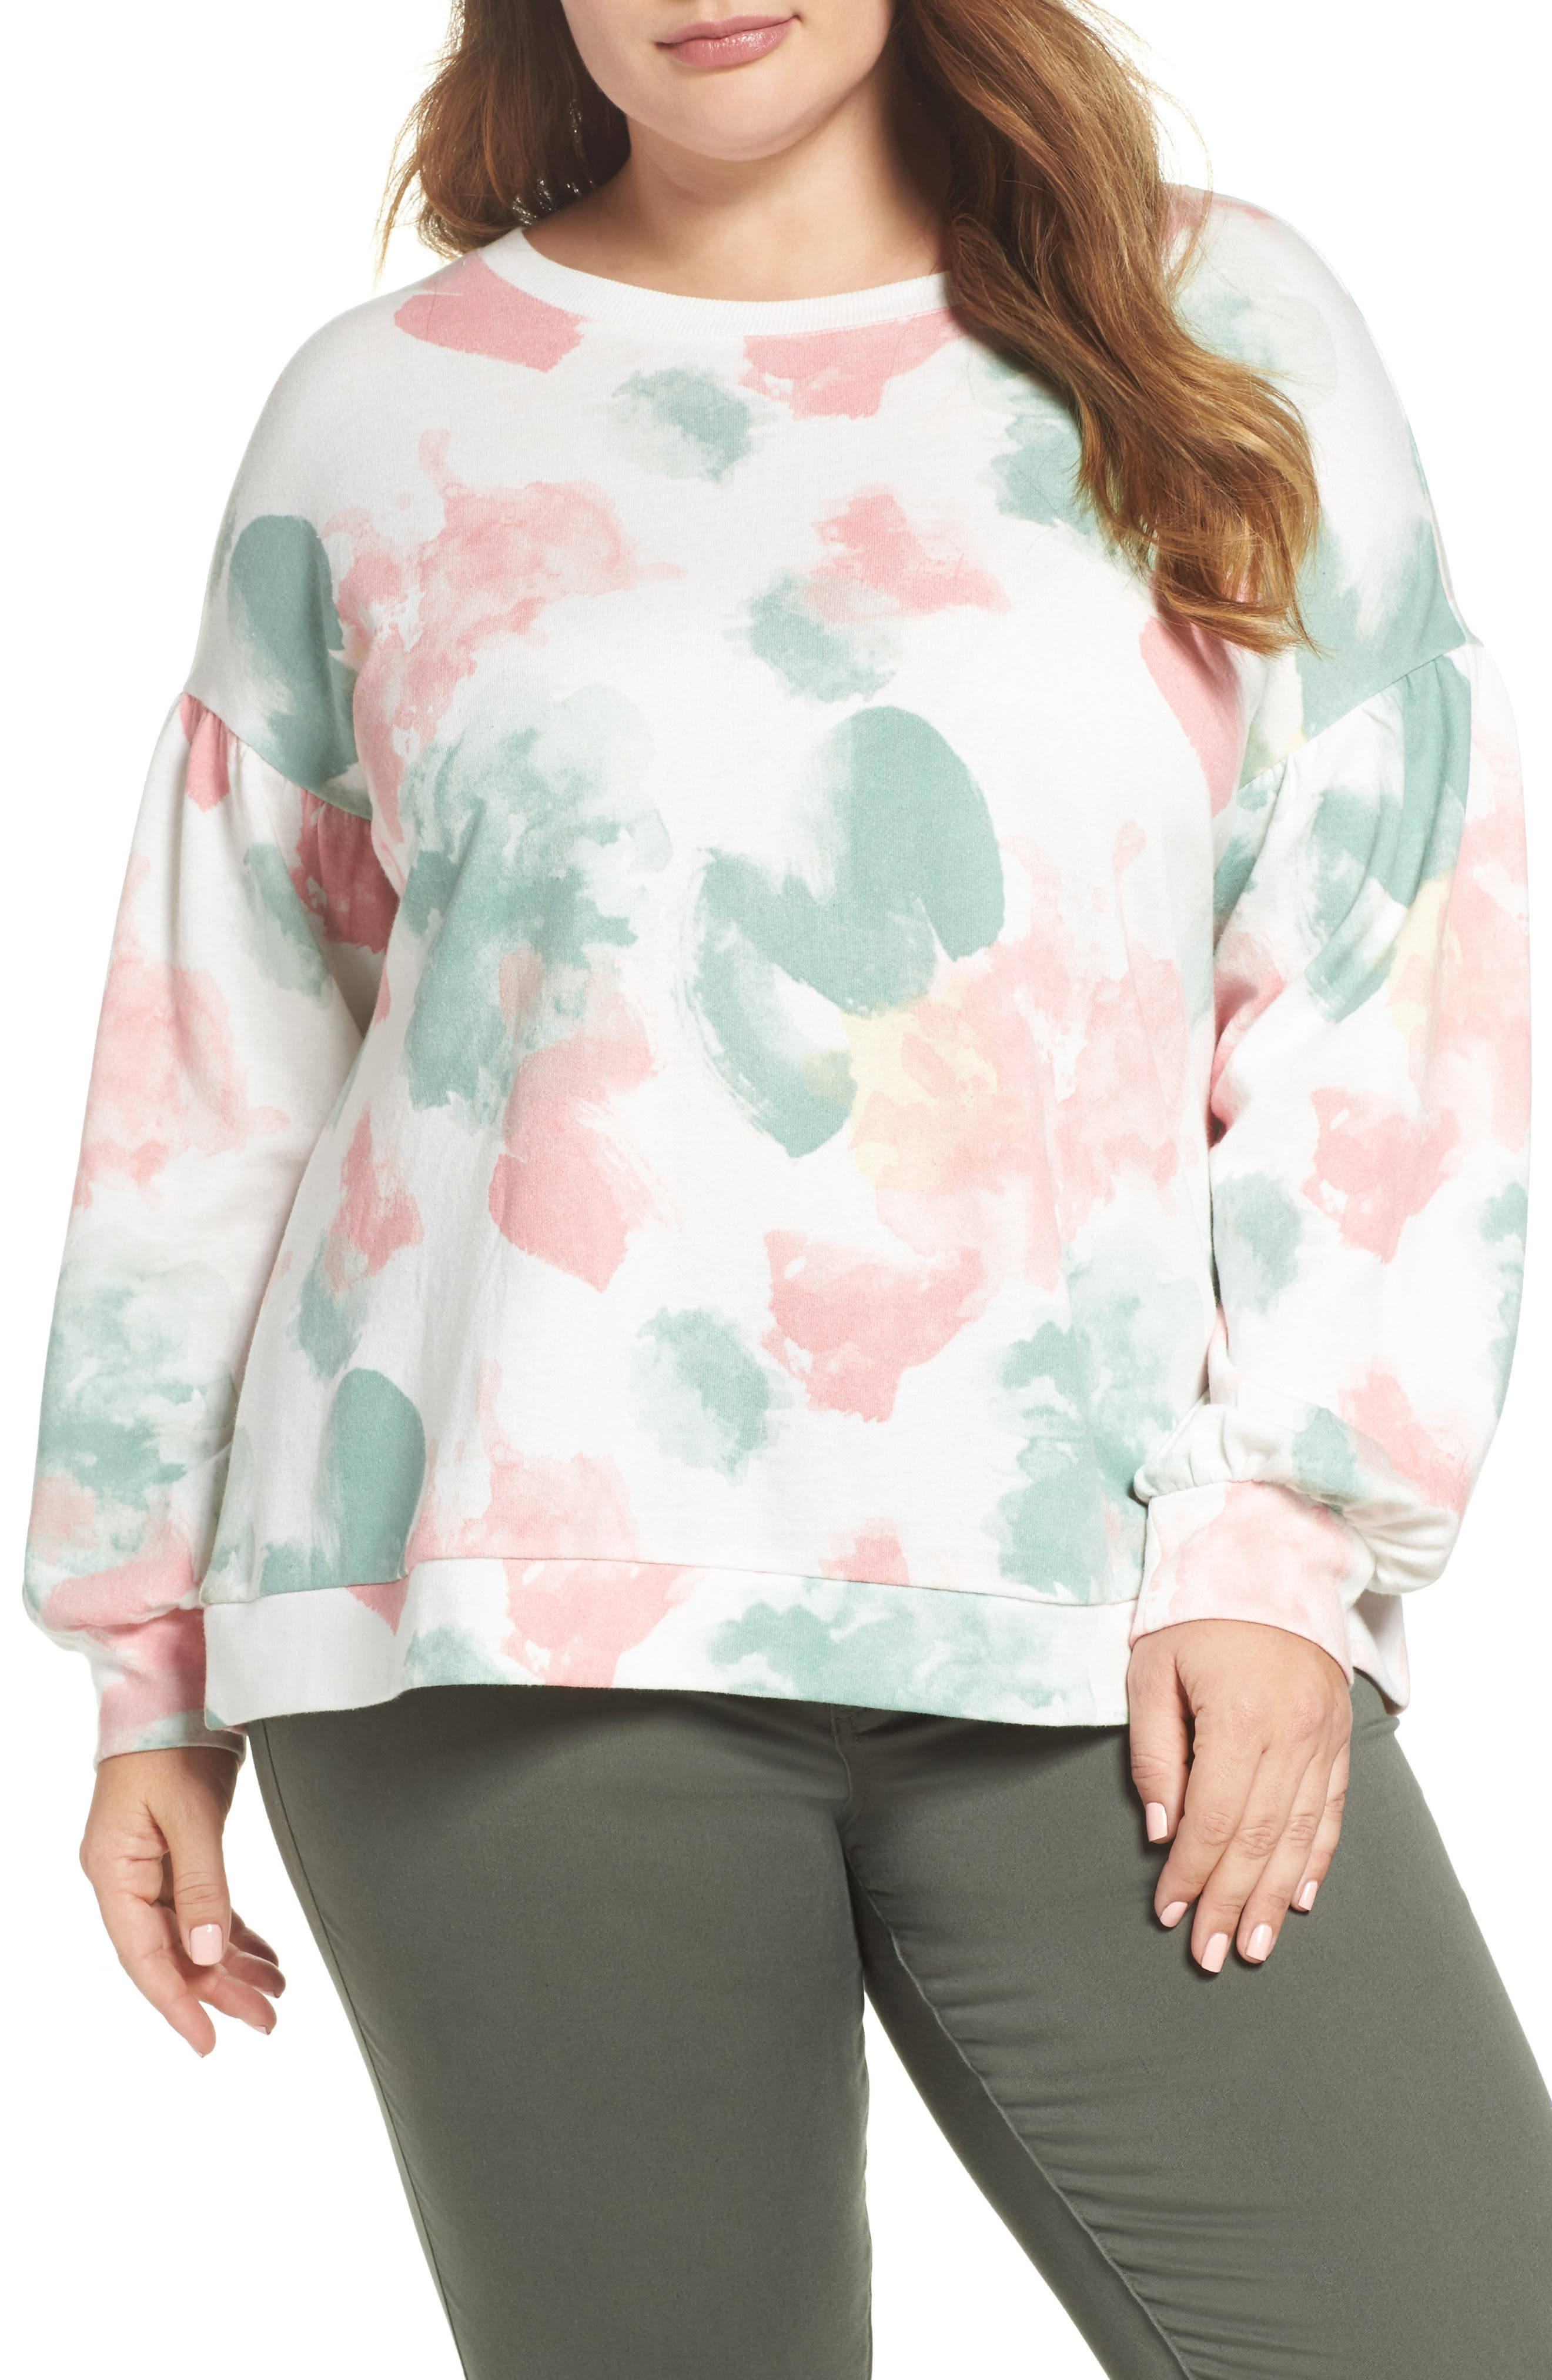 Blouson Sleeve Sweatshirt,                         Main,                         color, 900